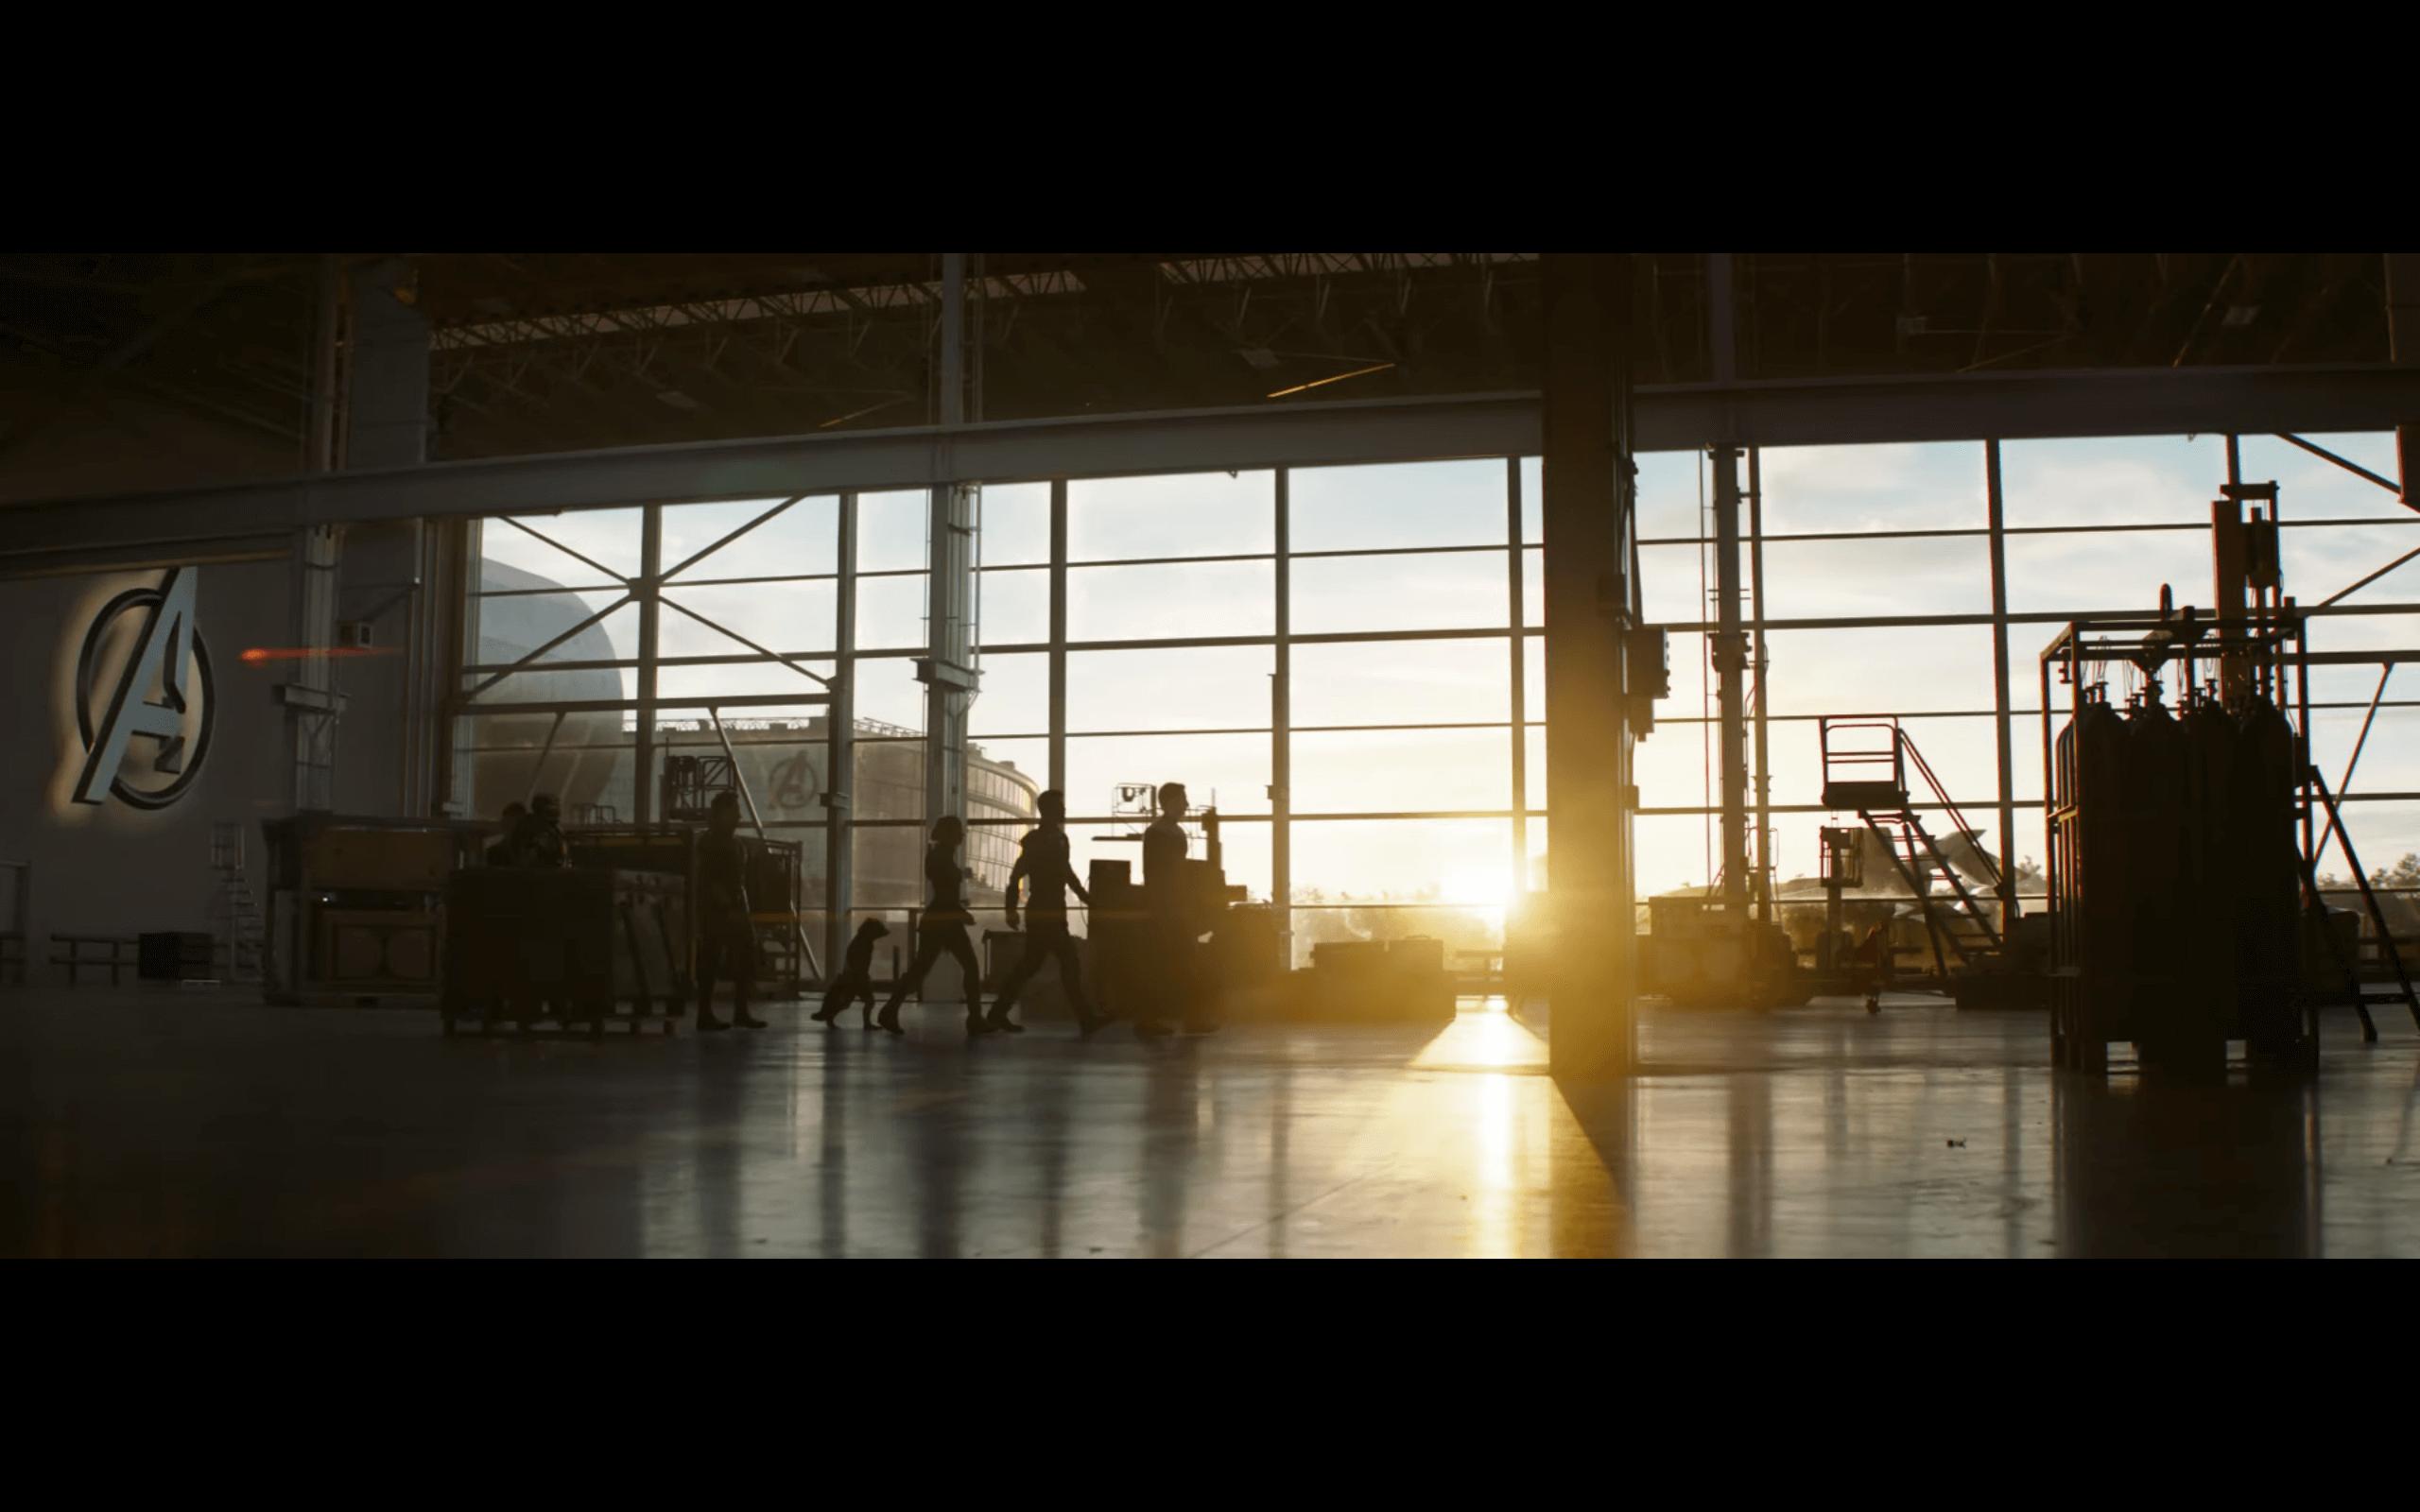 最新!《復仇者聯盟4:終局之戰》(Avengers :Endgame)美國超級盃最新版預告釋出首圖